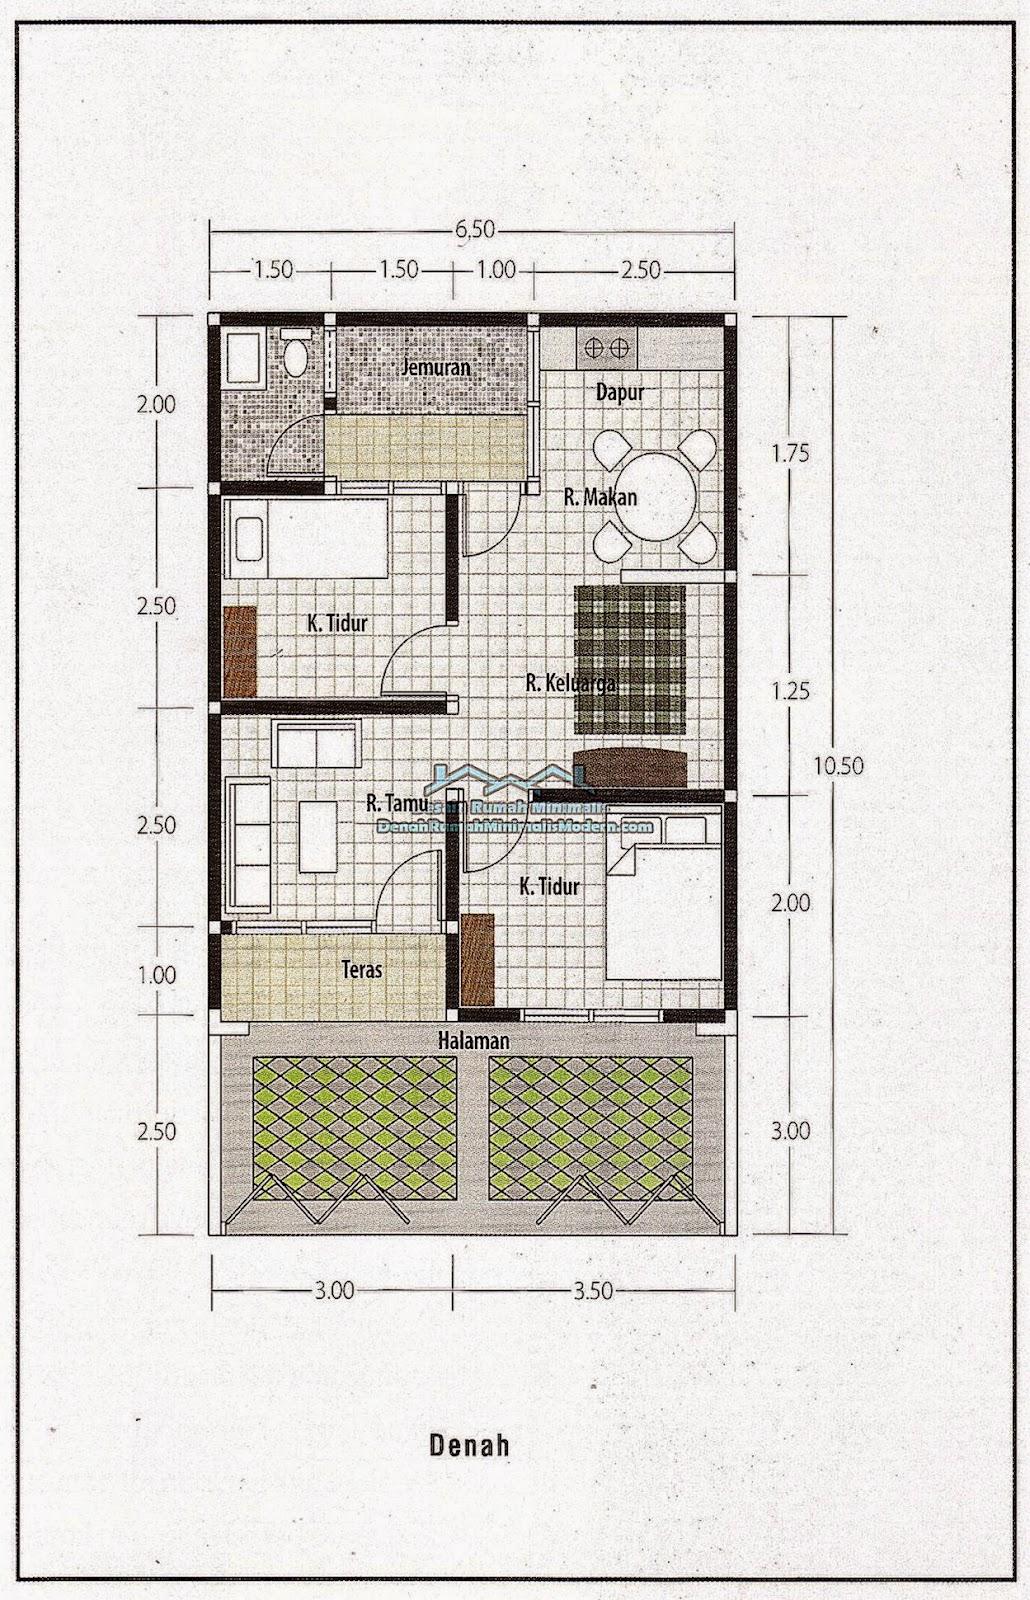 Denah Rumah 2 Lantai Lahan Sempit | Top Rumah